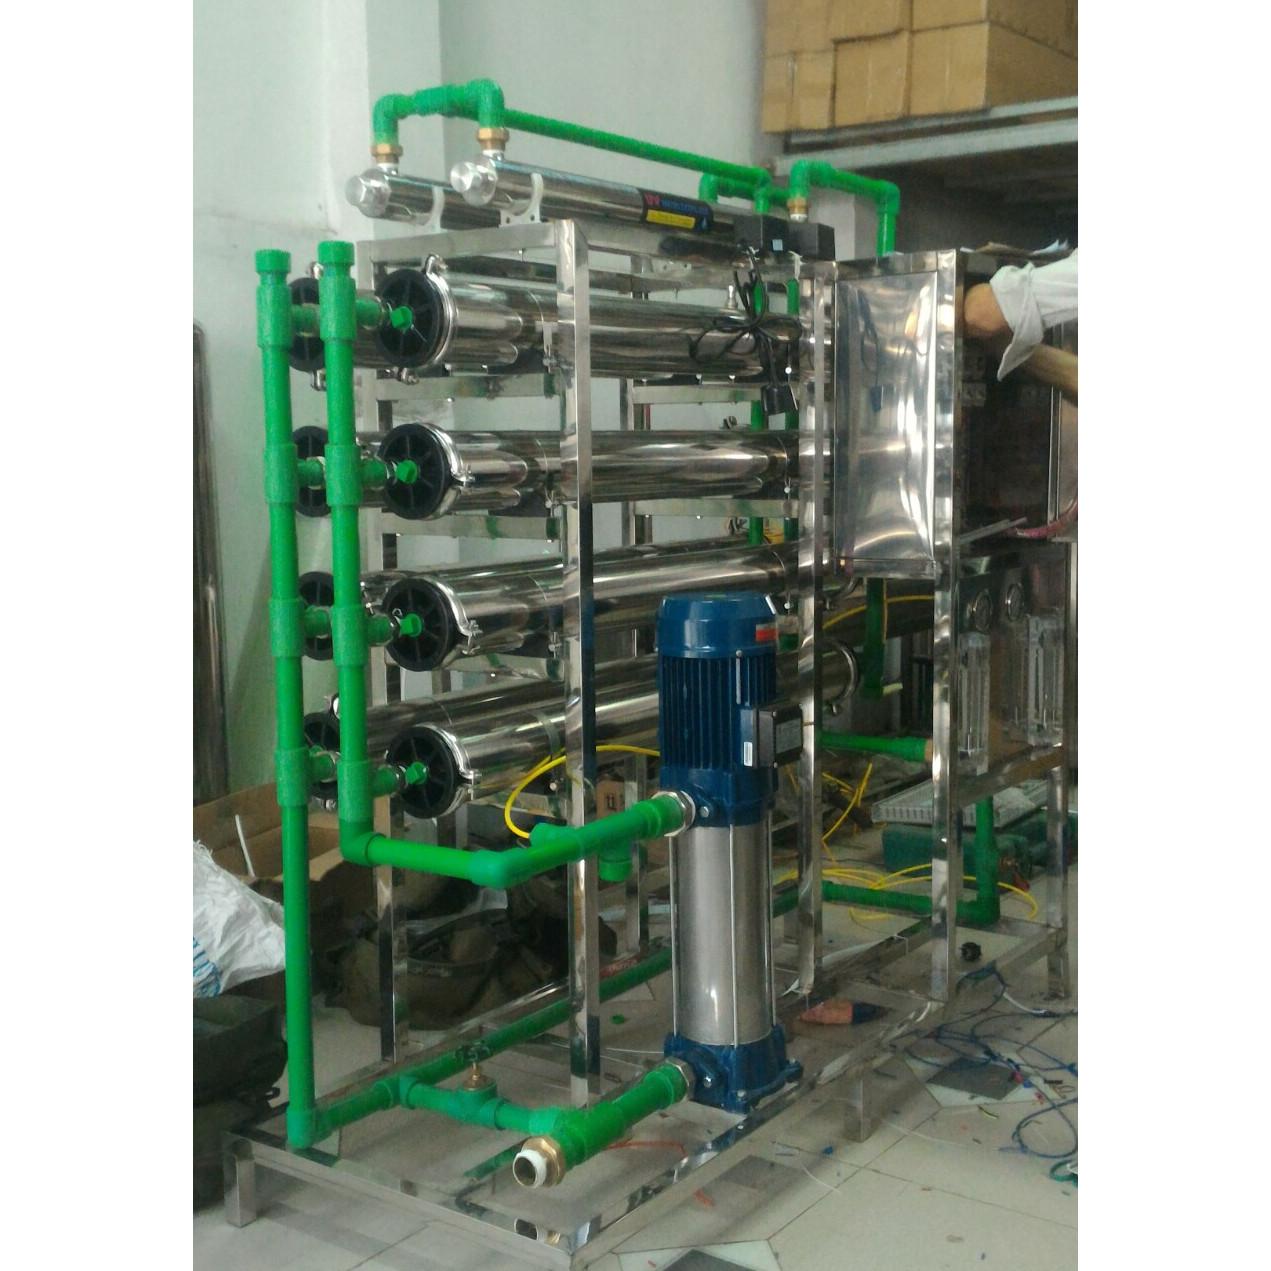 Máy lọc nước RO 2000 lít - Hàng chính hãng